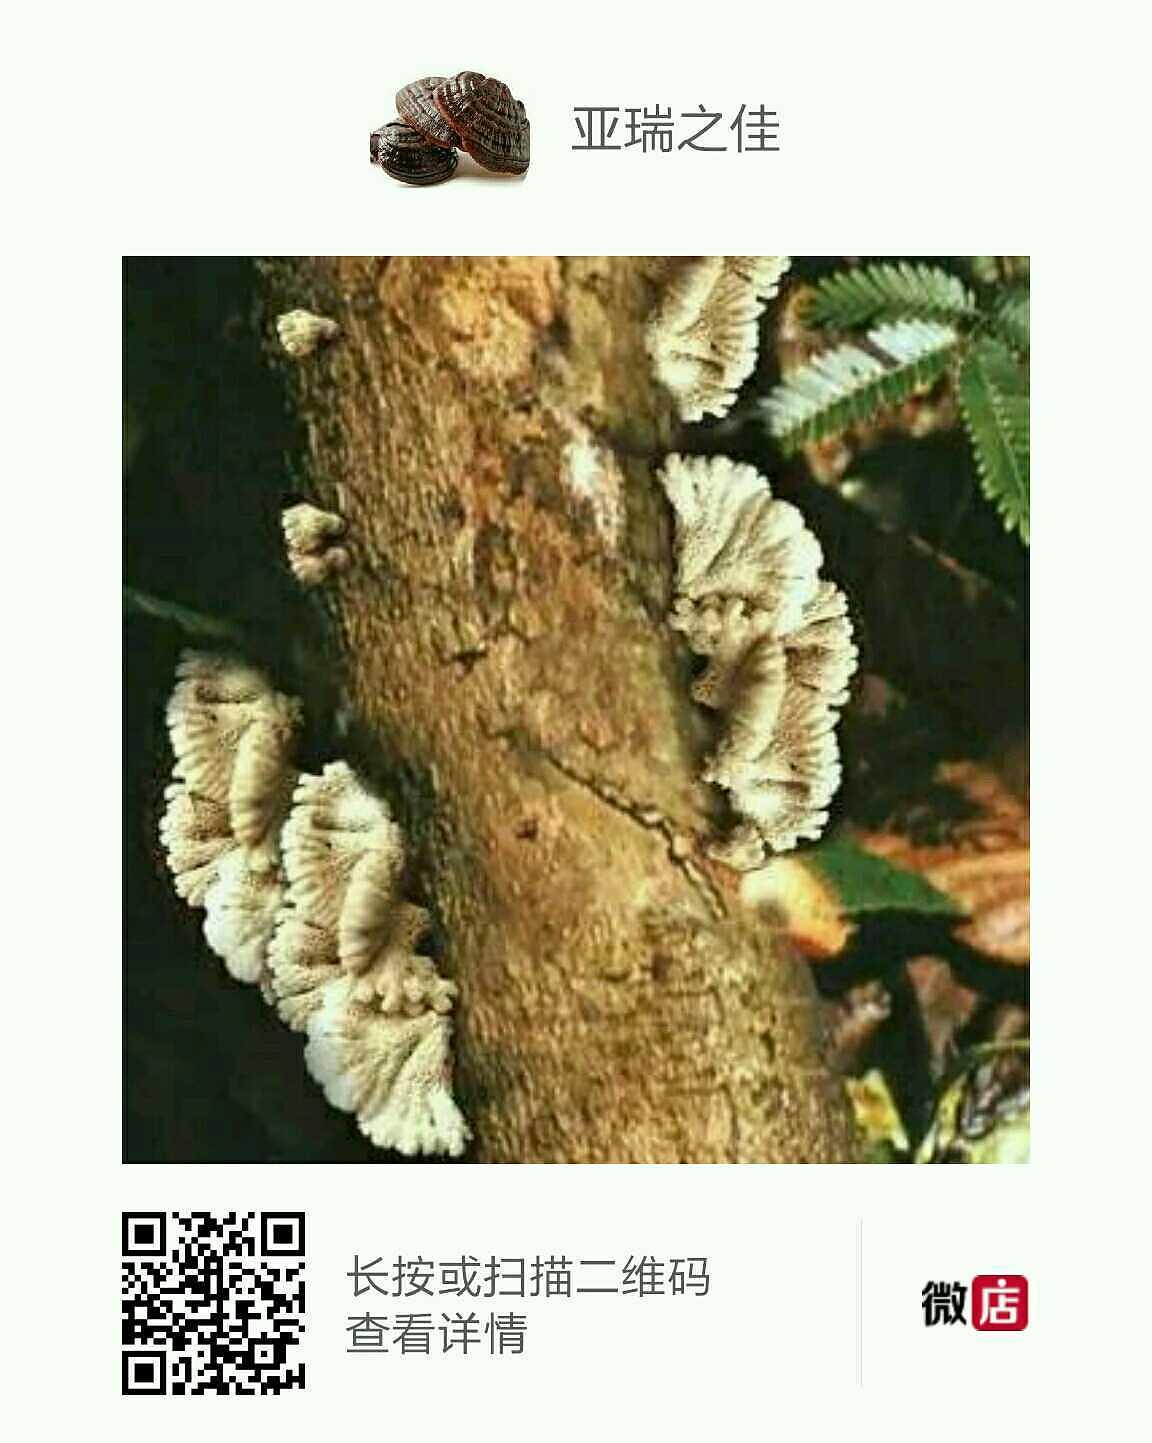 土特产|视频|PPT/v视频|亚瑞之佳土特产店-原创平面桂林旅游图片